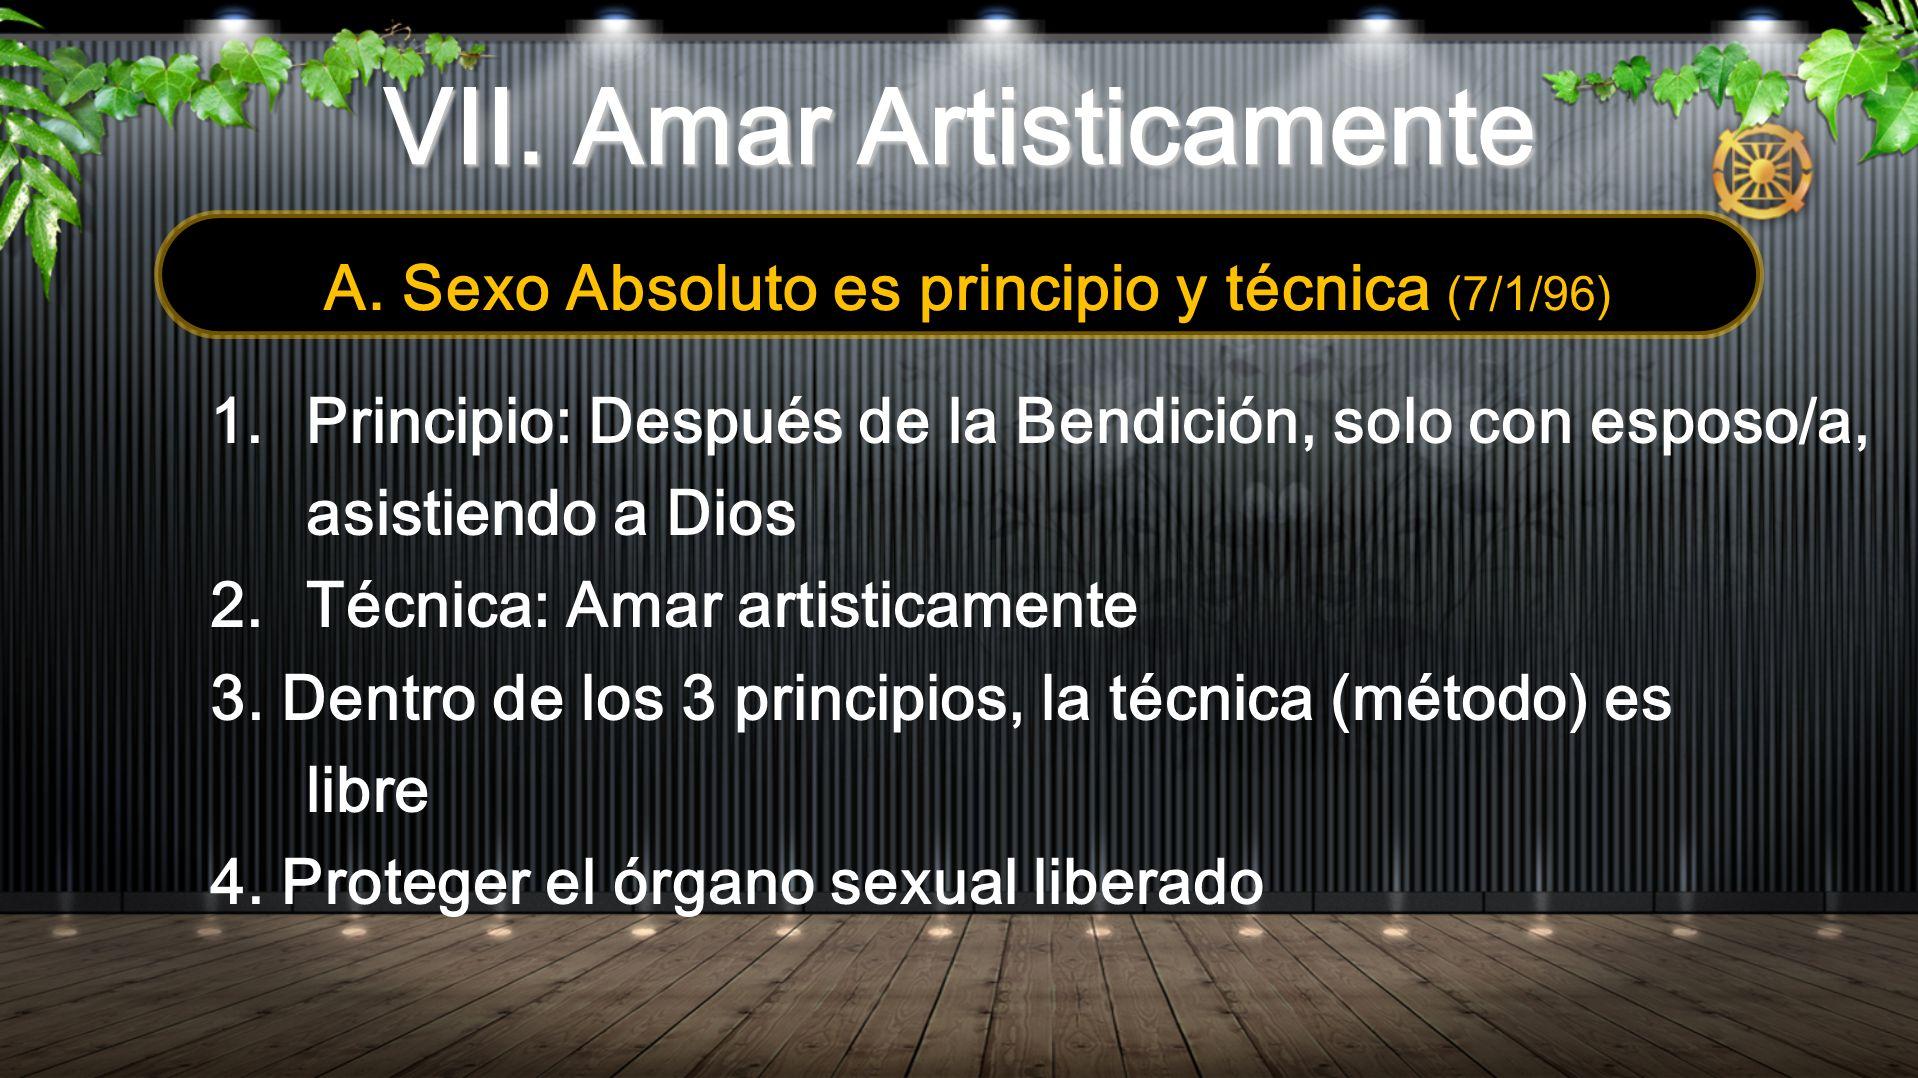 VII. Amar Artisticamente